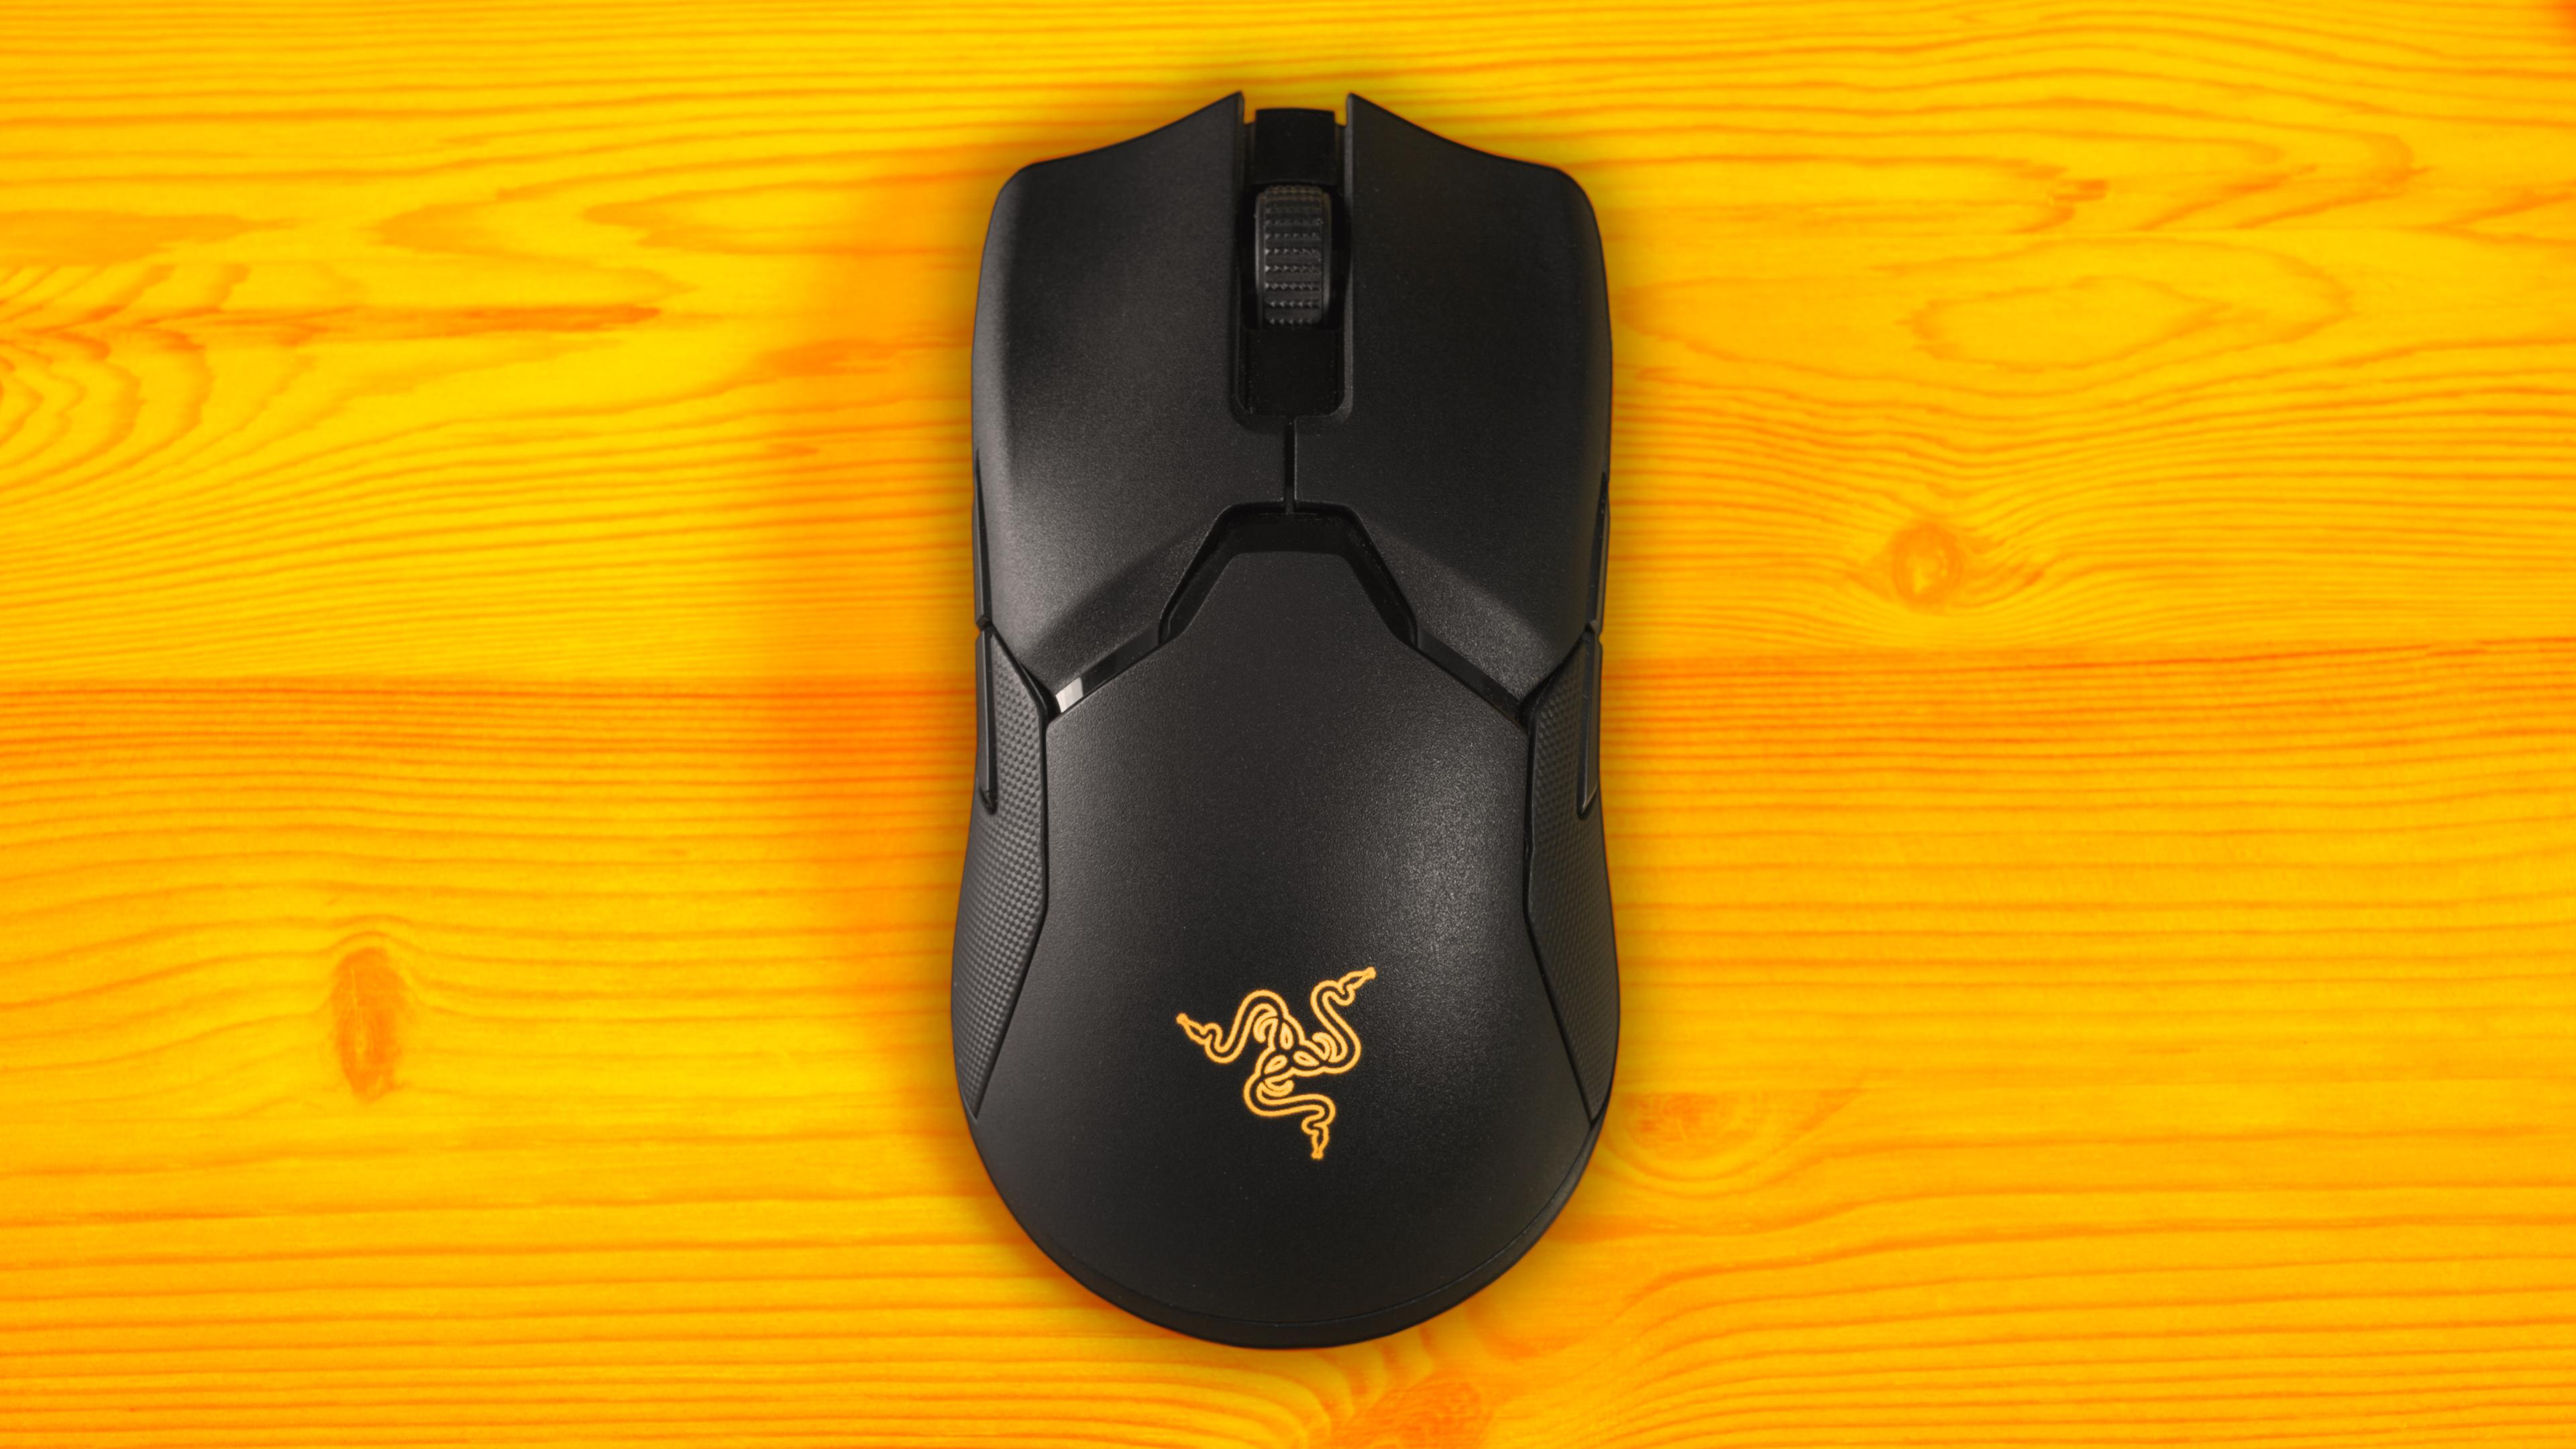 Bovenaanzicht van de Razer Viper Ultimate in gebruik, waarbij het logo oranje verlicht is.